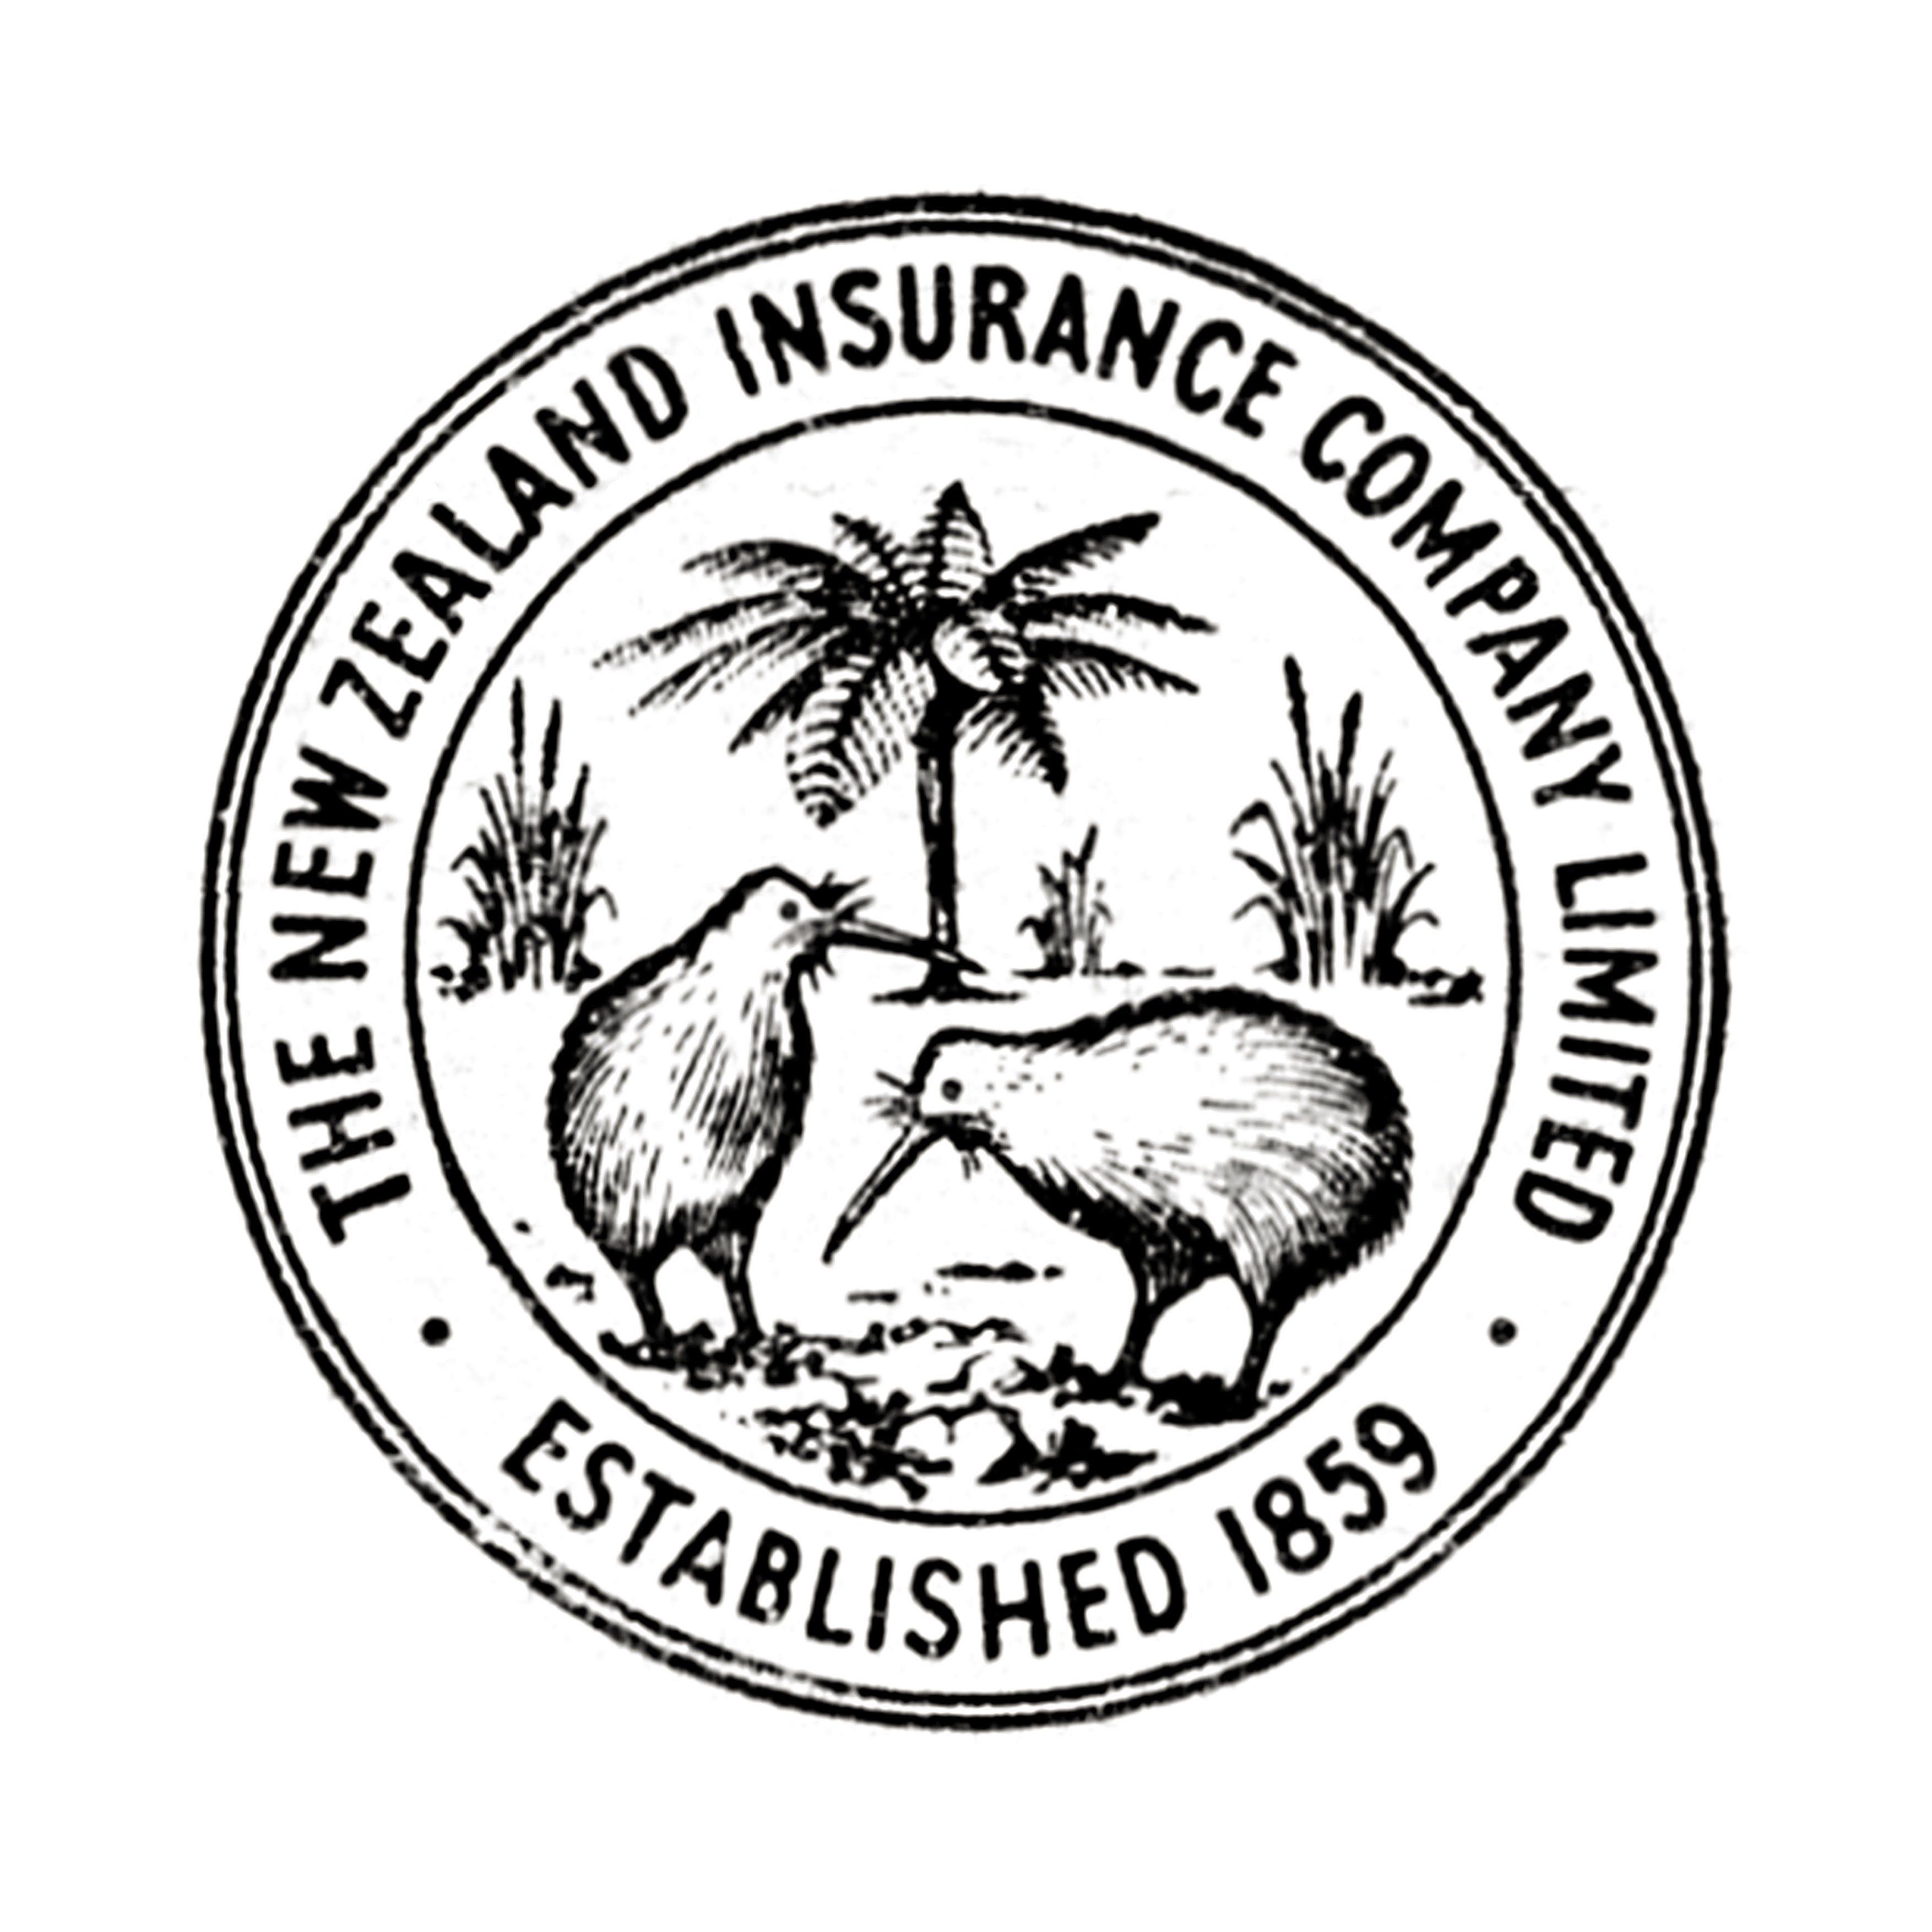 New Zealand Insurance, Press advertisement featuring kiwi